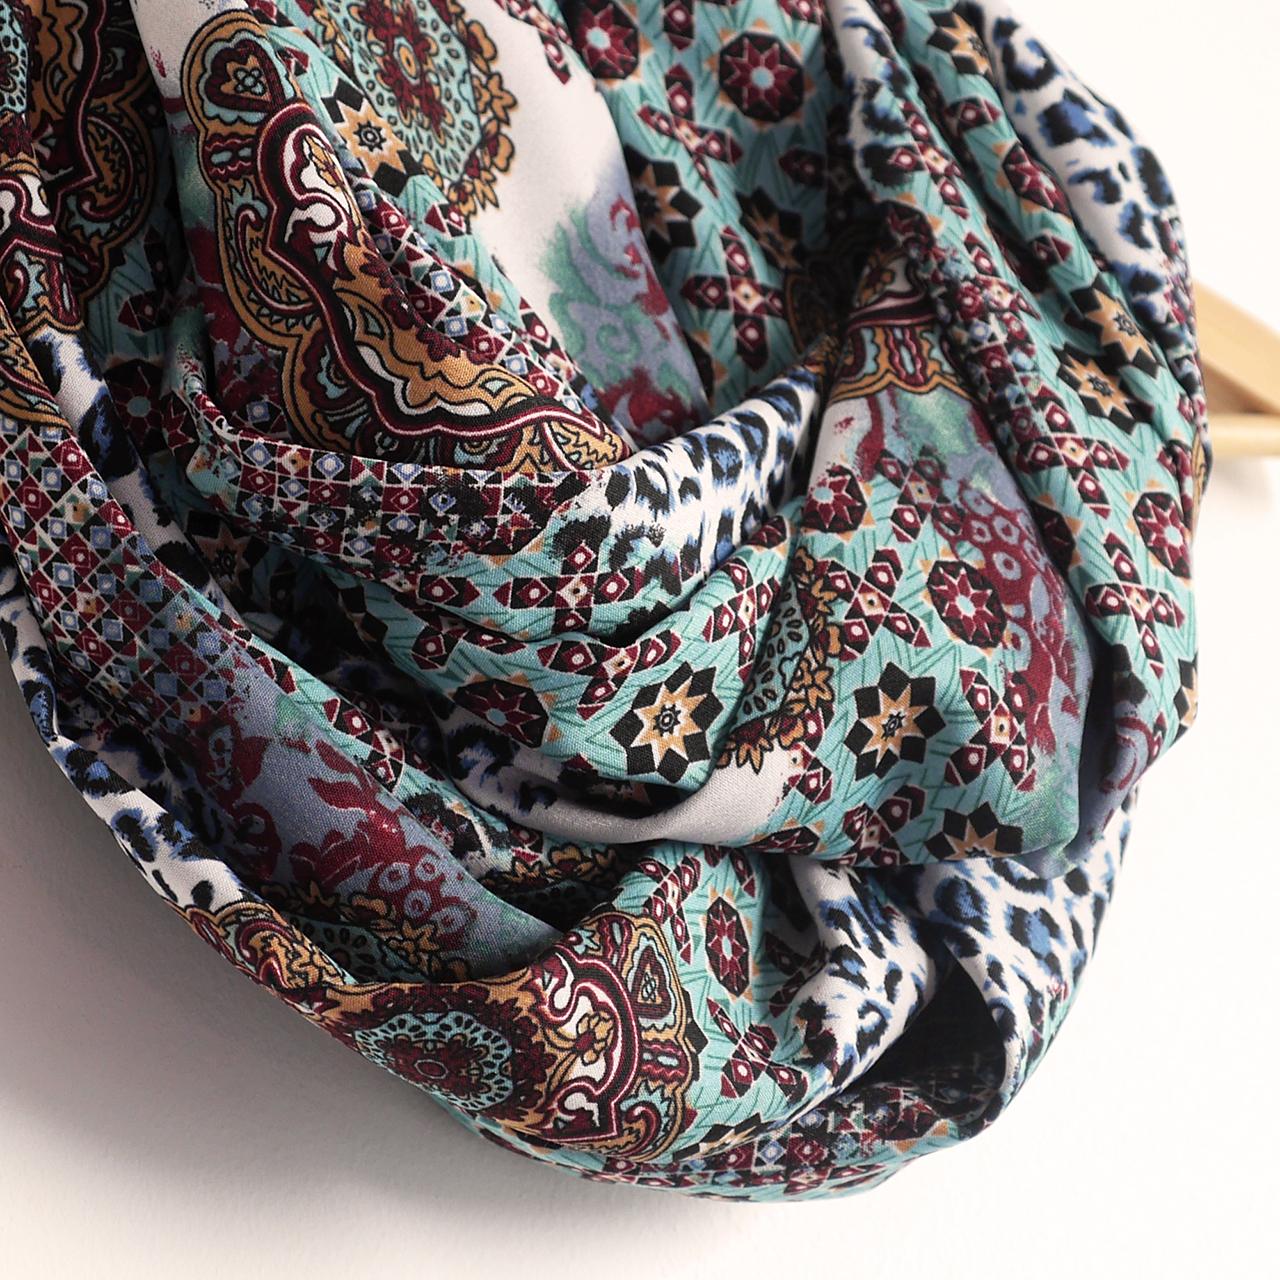 120cf30ff44c Snood foulard femme écharpe mi-saison motifs variés fleurs étoiles léopard  multicolore bleu rouge noir